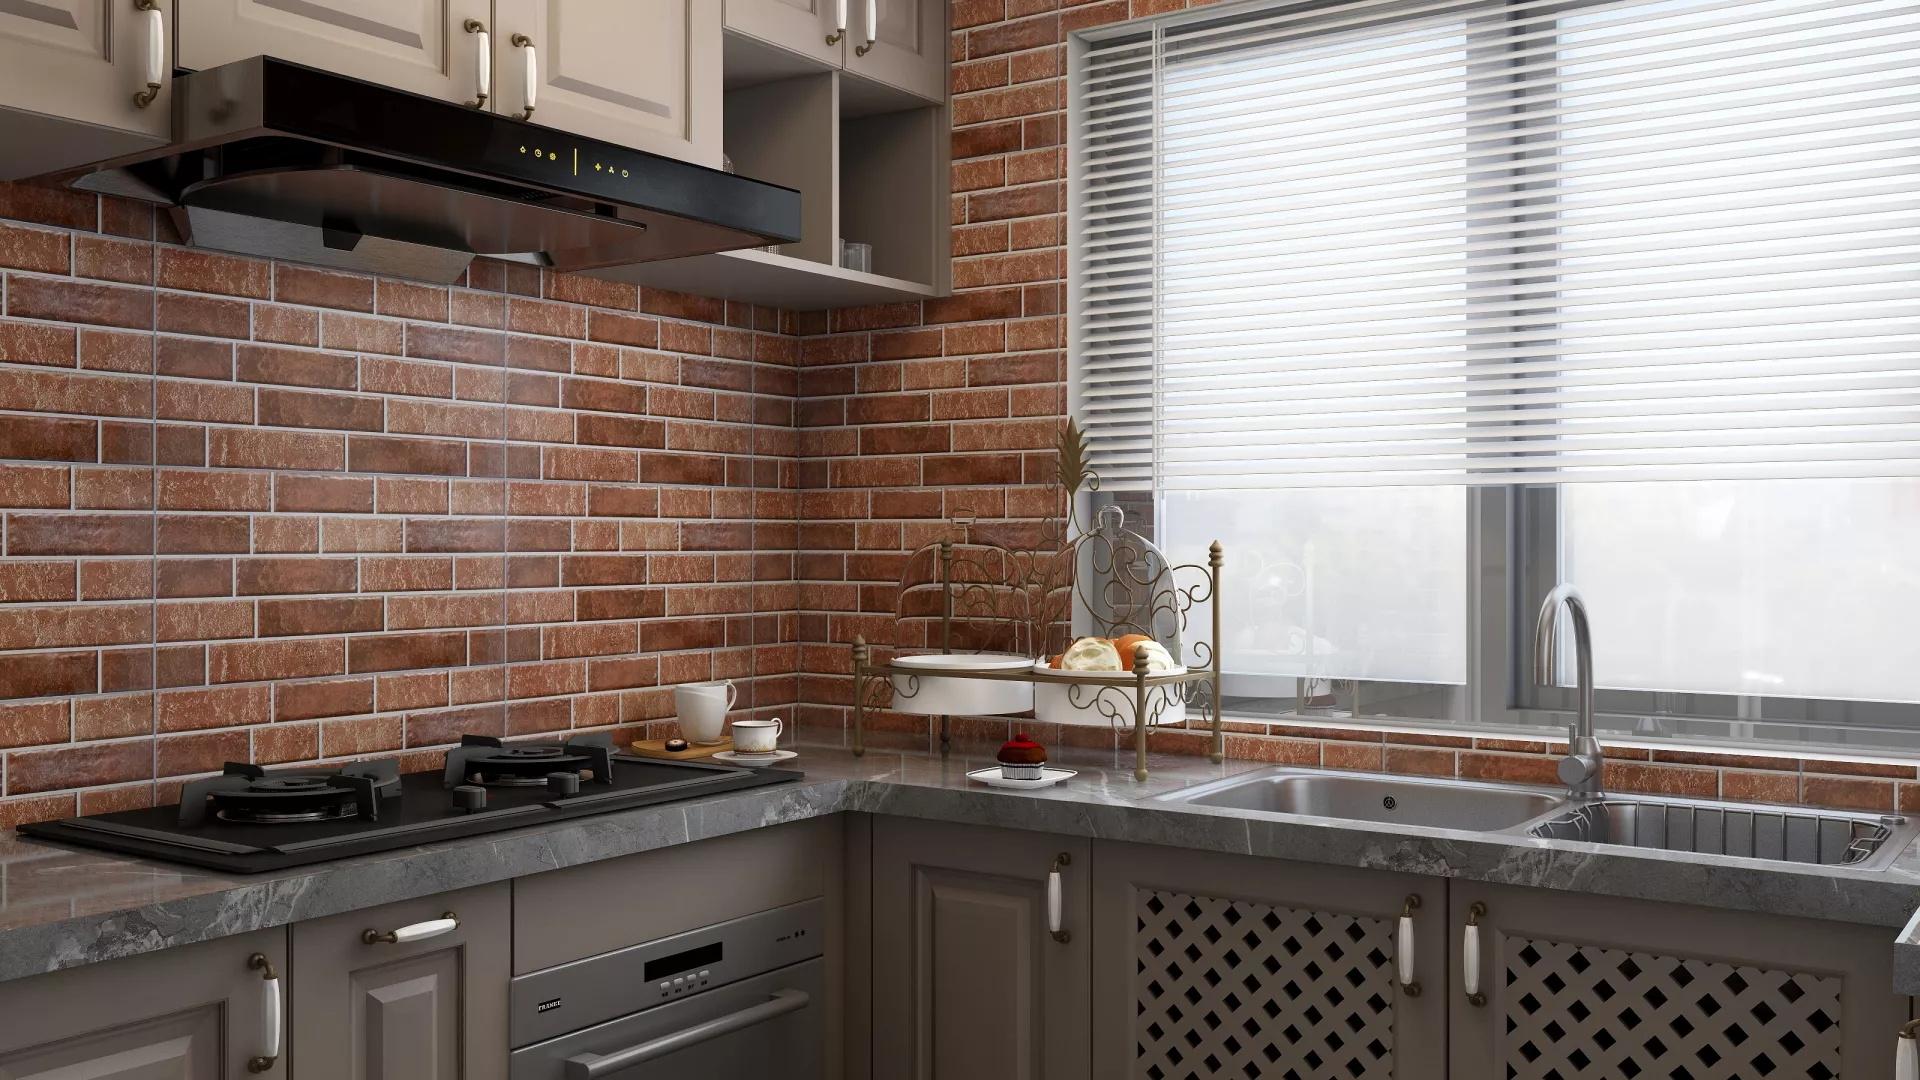 廚房管道怎么安裝 如何隱藏廚房管道